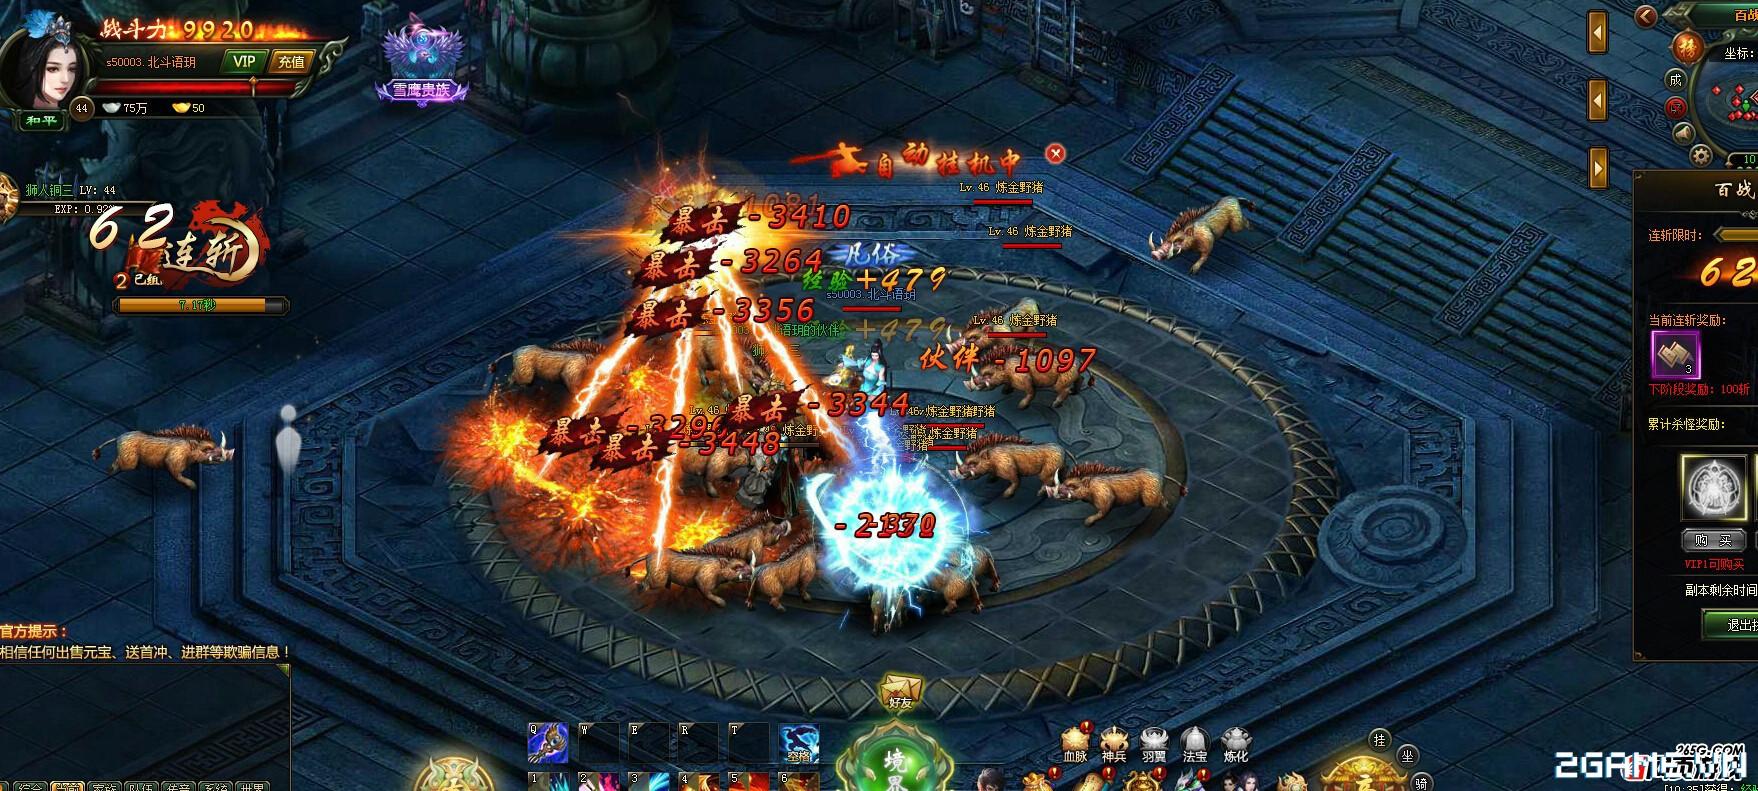 Tuyết Ưng Lĩnh Chủ sắp được VTC Game phát hành tại Việt Nam 3